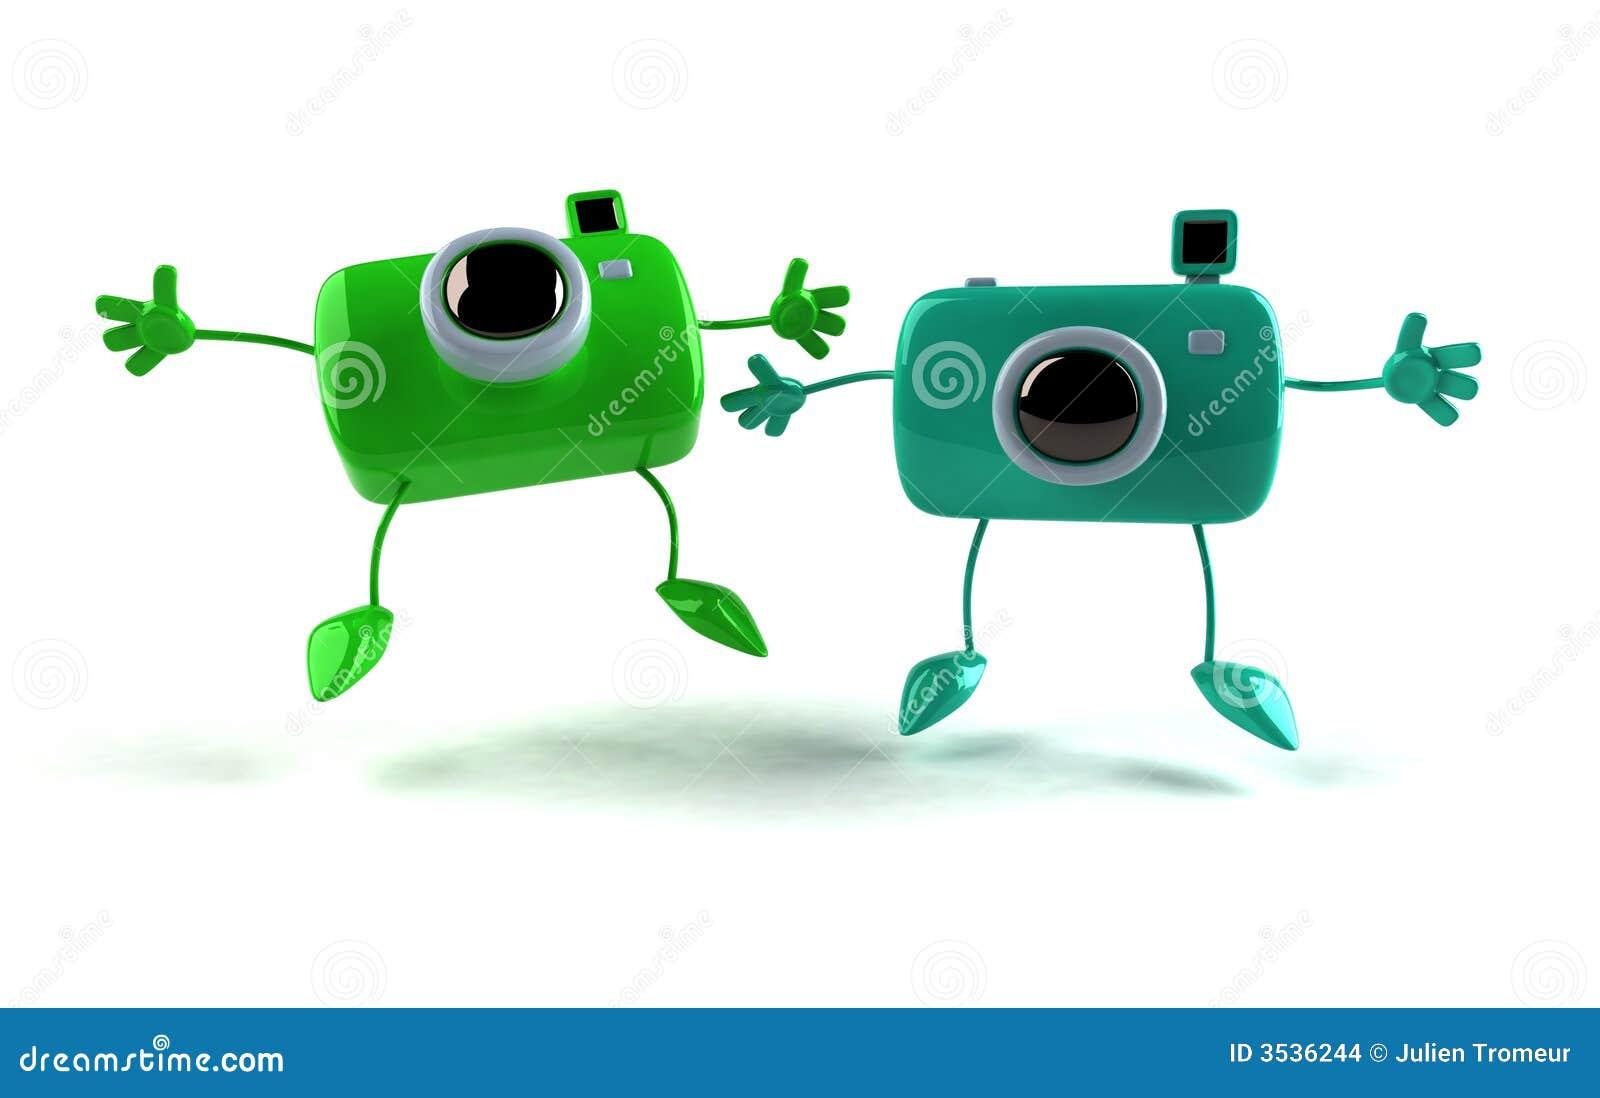 Lyckliga kameror